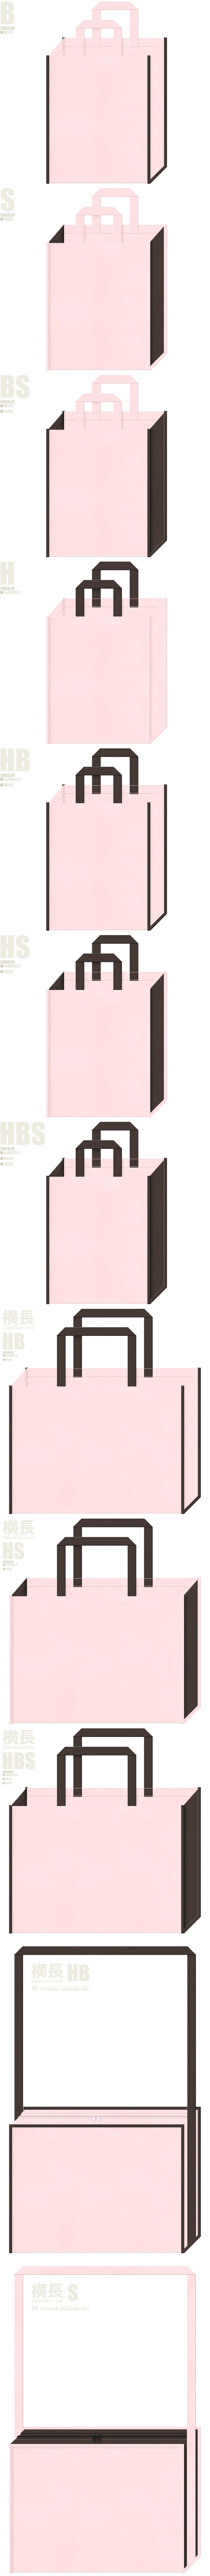 観光・花見・桜餅・いちご大福・和菓子・チョコレート・スイーツ・成人式・卒業式・学校・学園・オープンキャンパス・写真館・和風催事・ガーリーデザインにお奨めの不織布バッグデザイン:桜色とこげ茶色の配色7パターン。